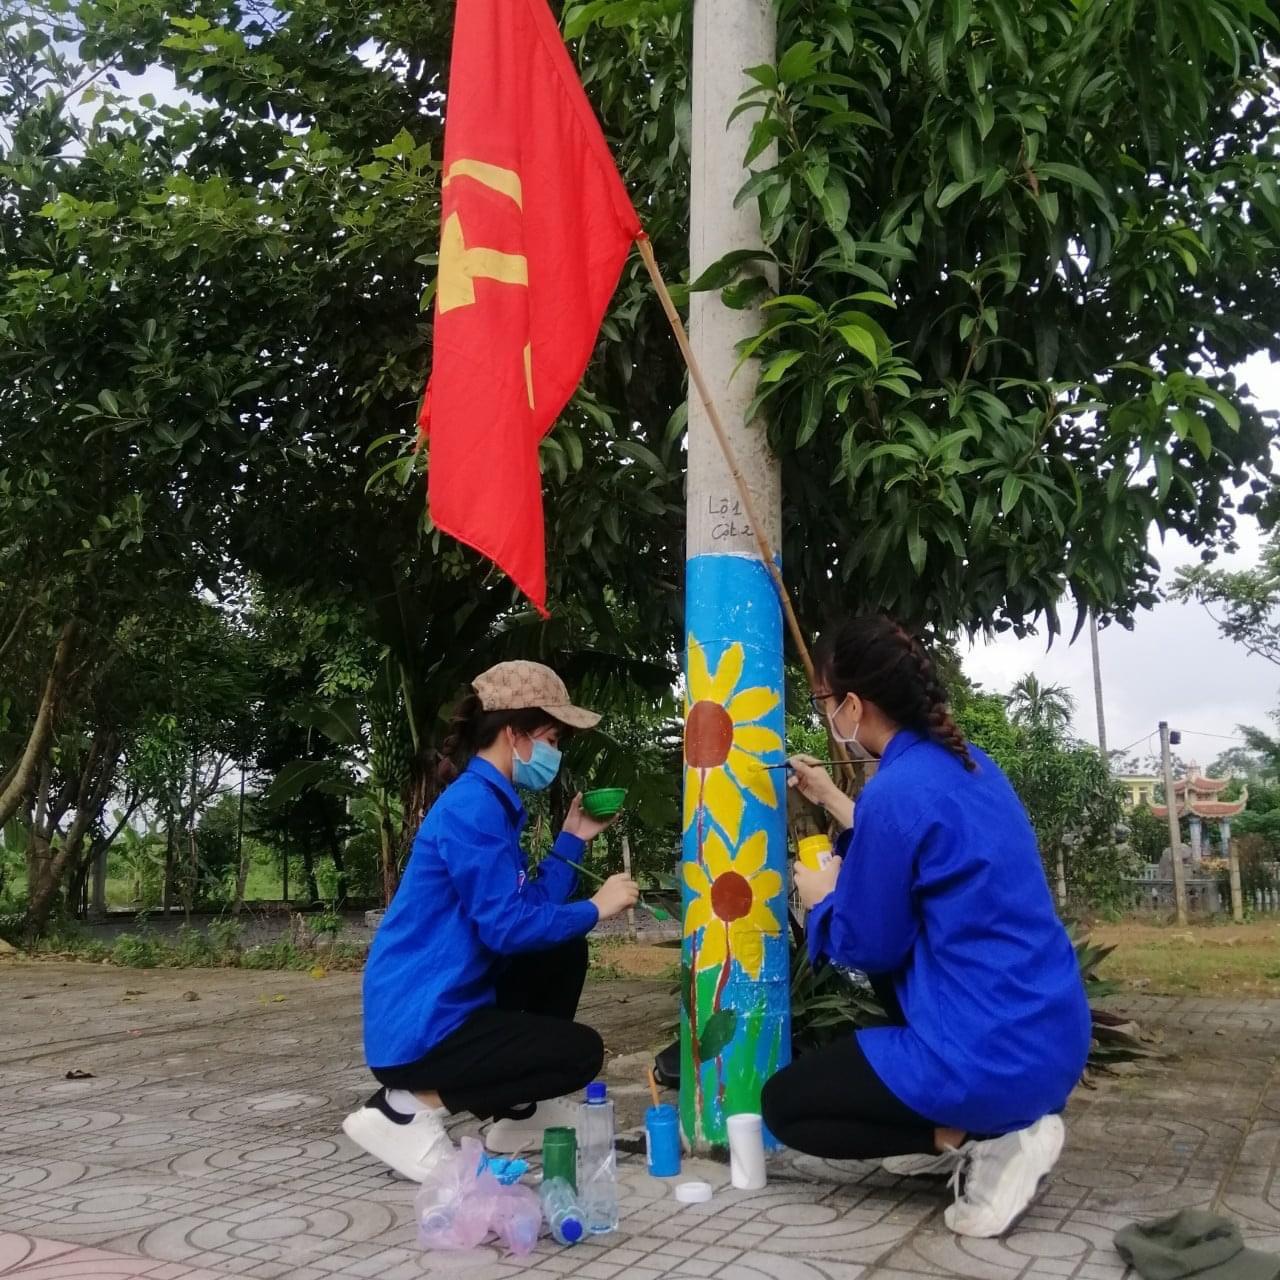 Các hoạt động chào mừng kỷ niệm 90 năm ngày thành lập Đoàn Thanh niên Cộng sản Hồ Chí Minh (26/3/1931 - 26/3/2021)